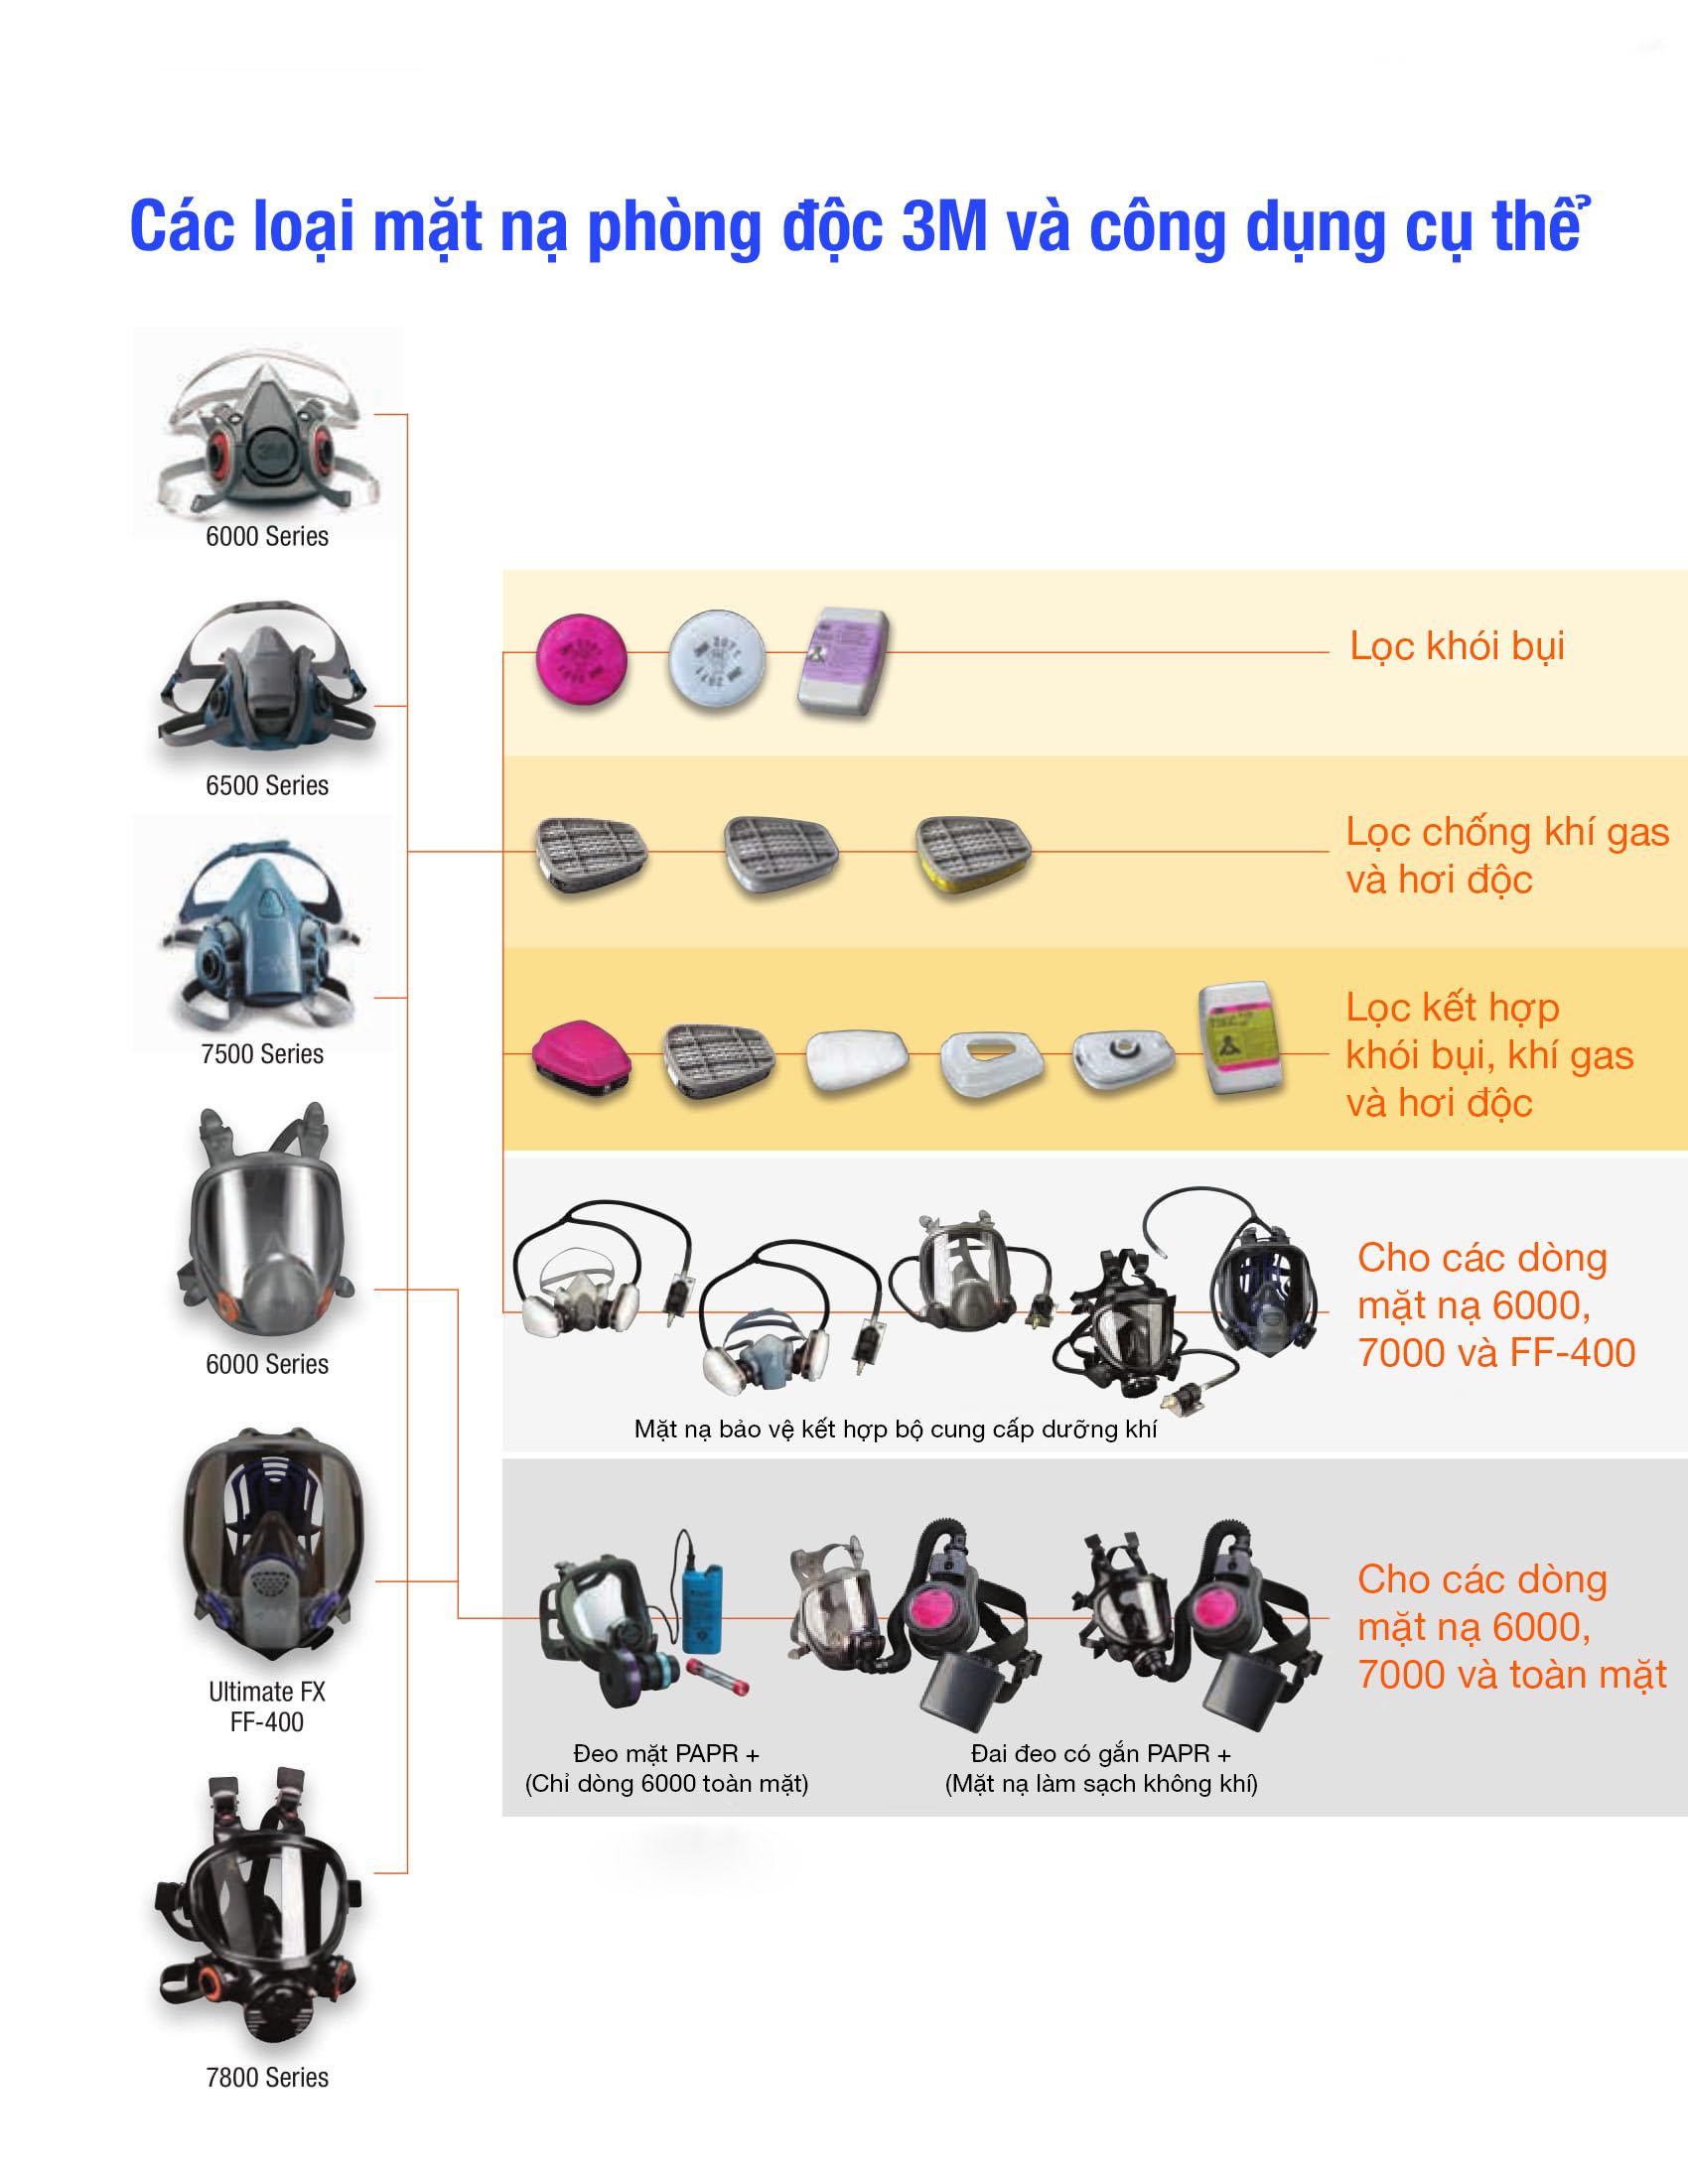 Các loại mặt nạ phòng độc 3M và công dụng cụ thể